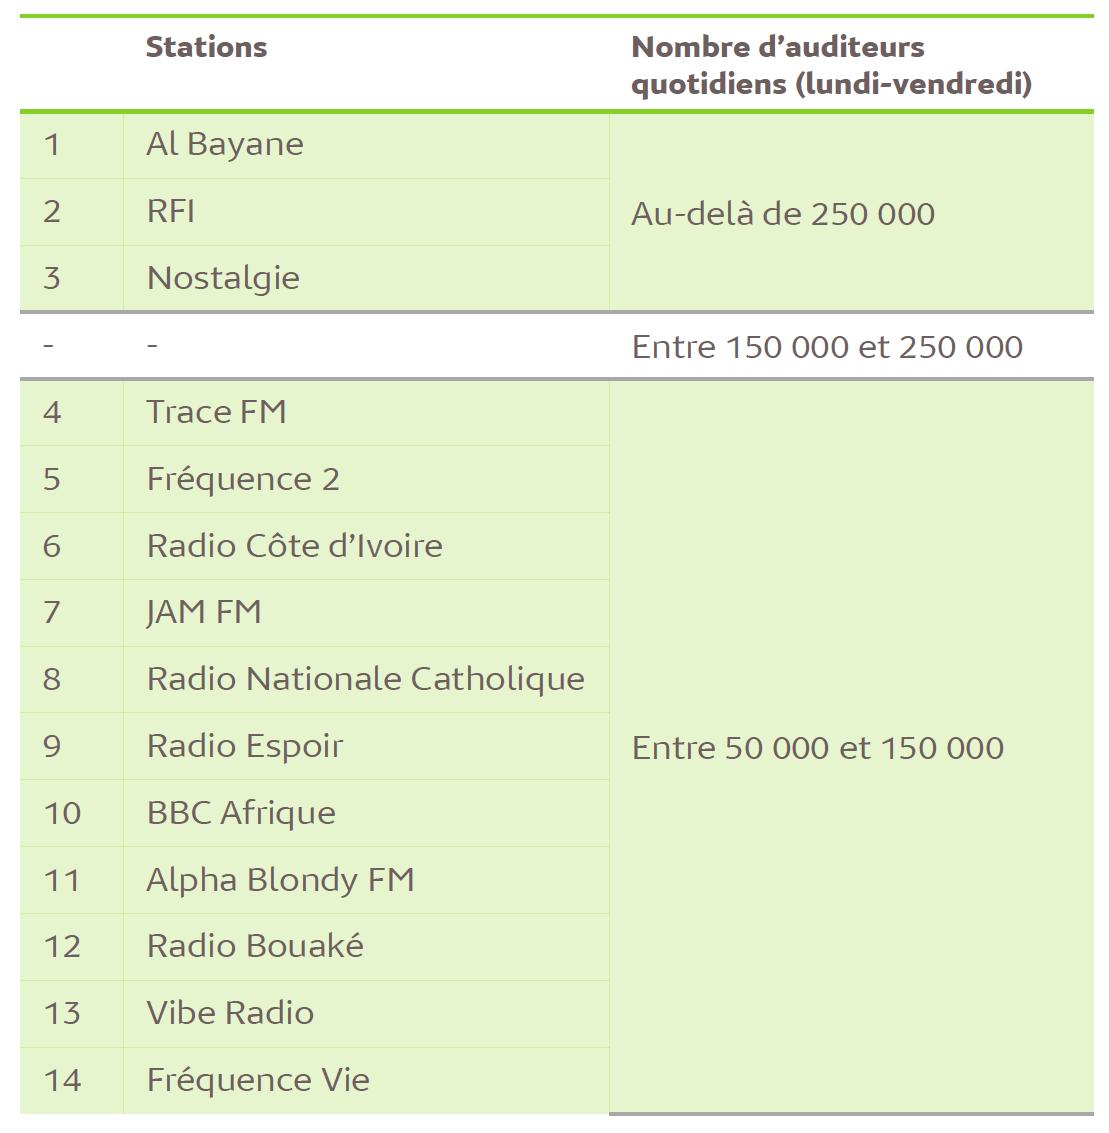 L'audience de la radio en Côte d'Ivoire